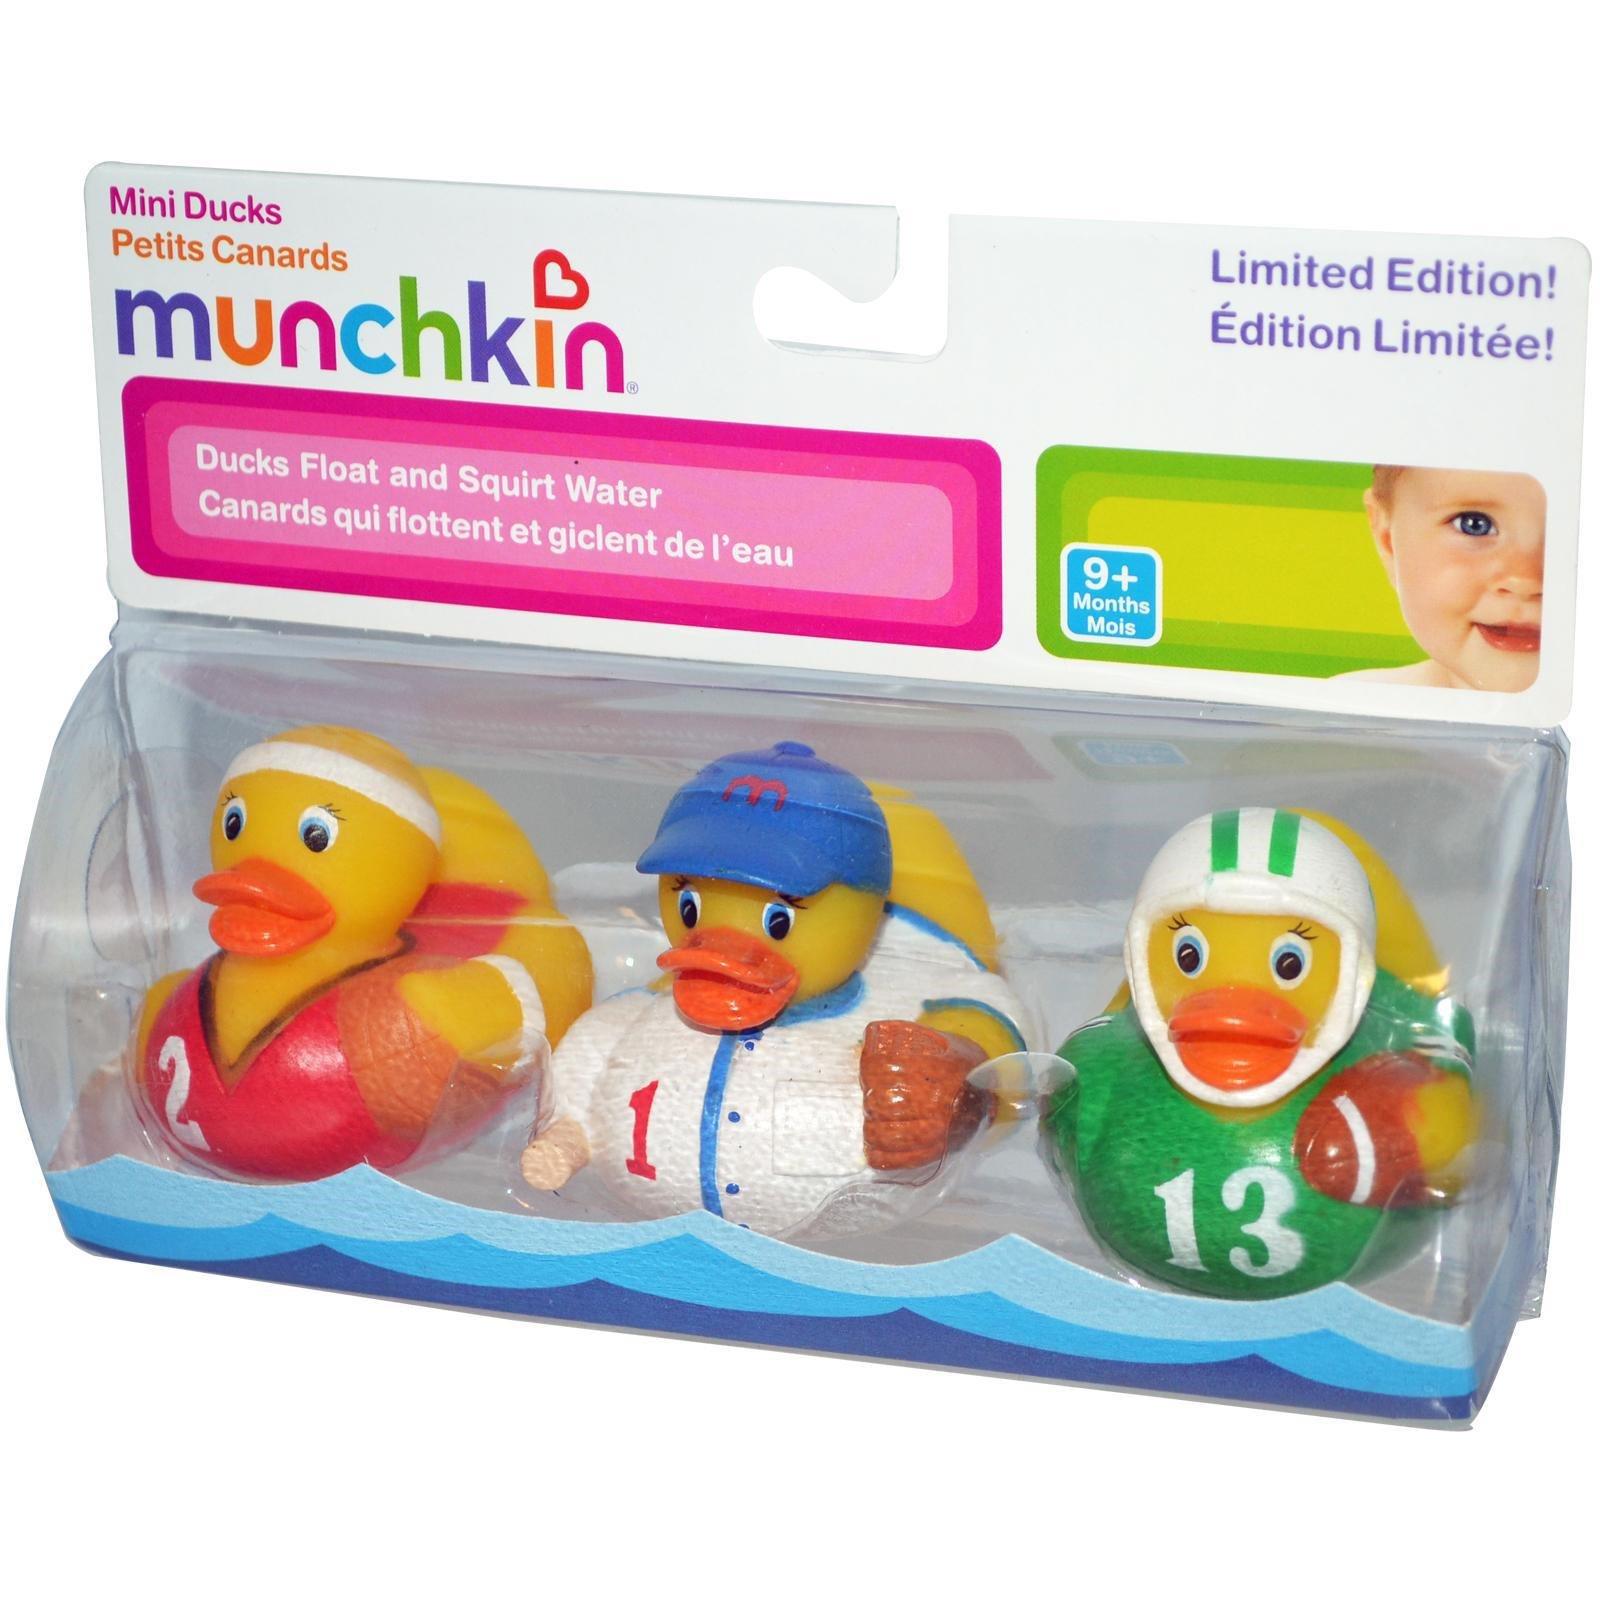 Pack de 3 petits canards Munchkin pour garçons, 9 mois, iHerb